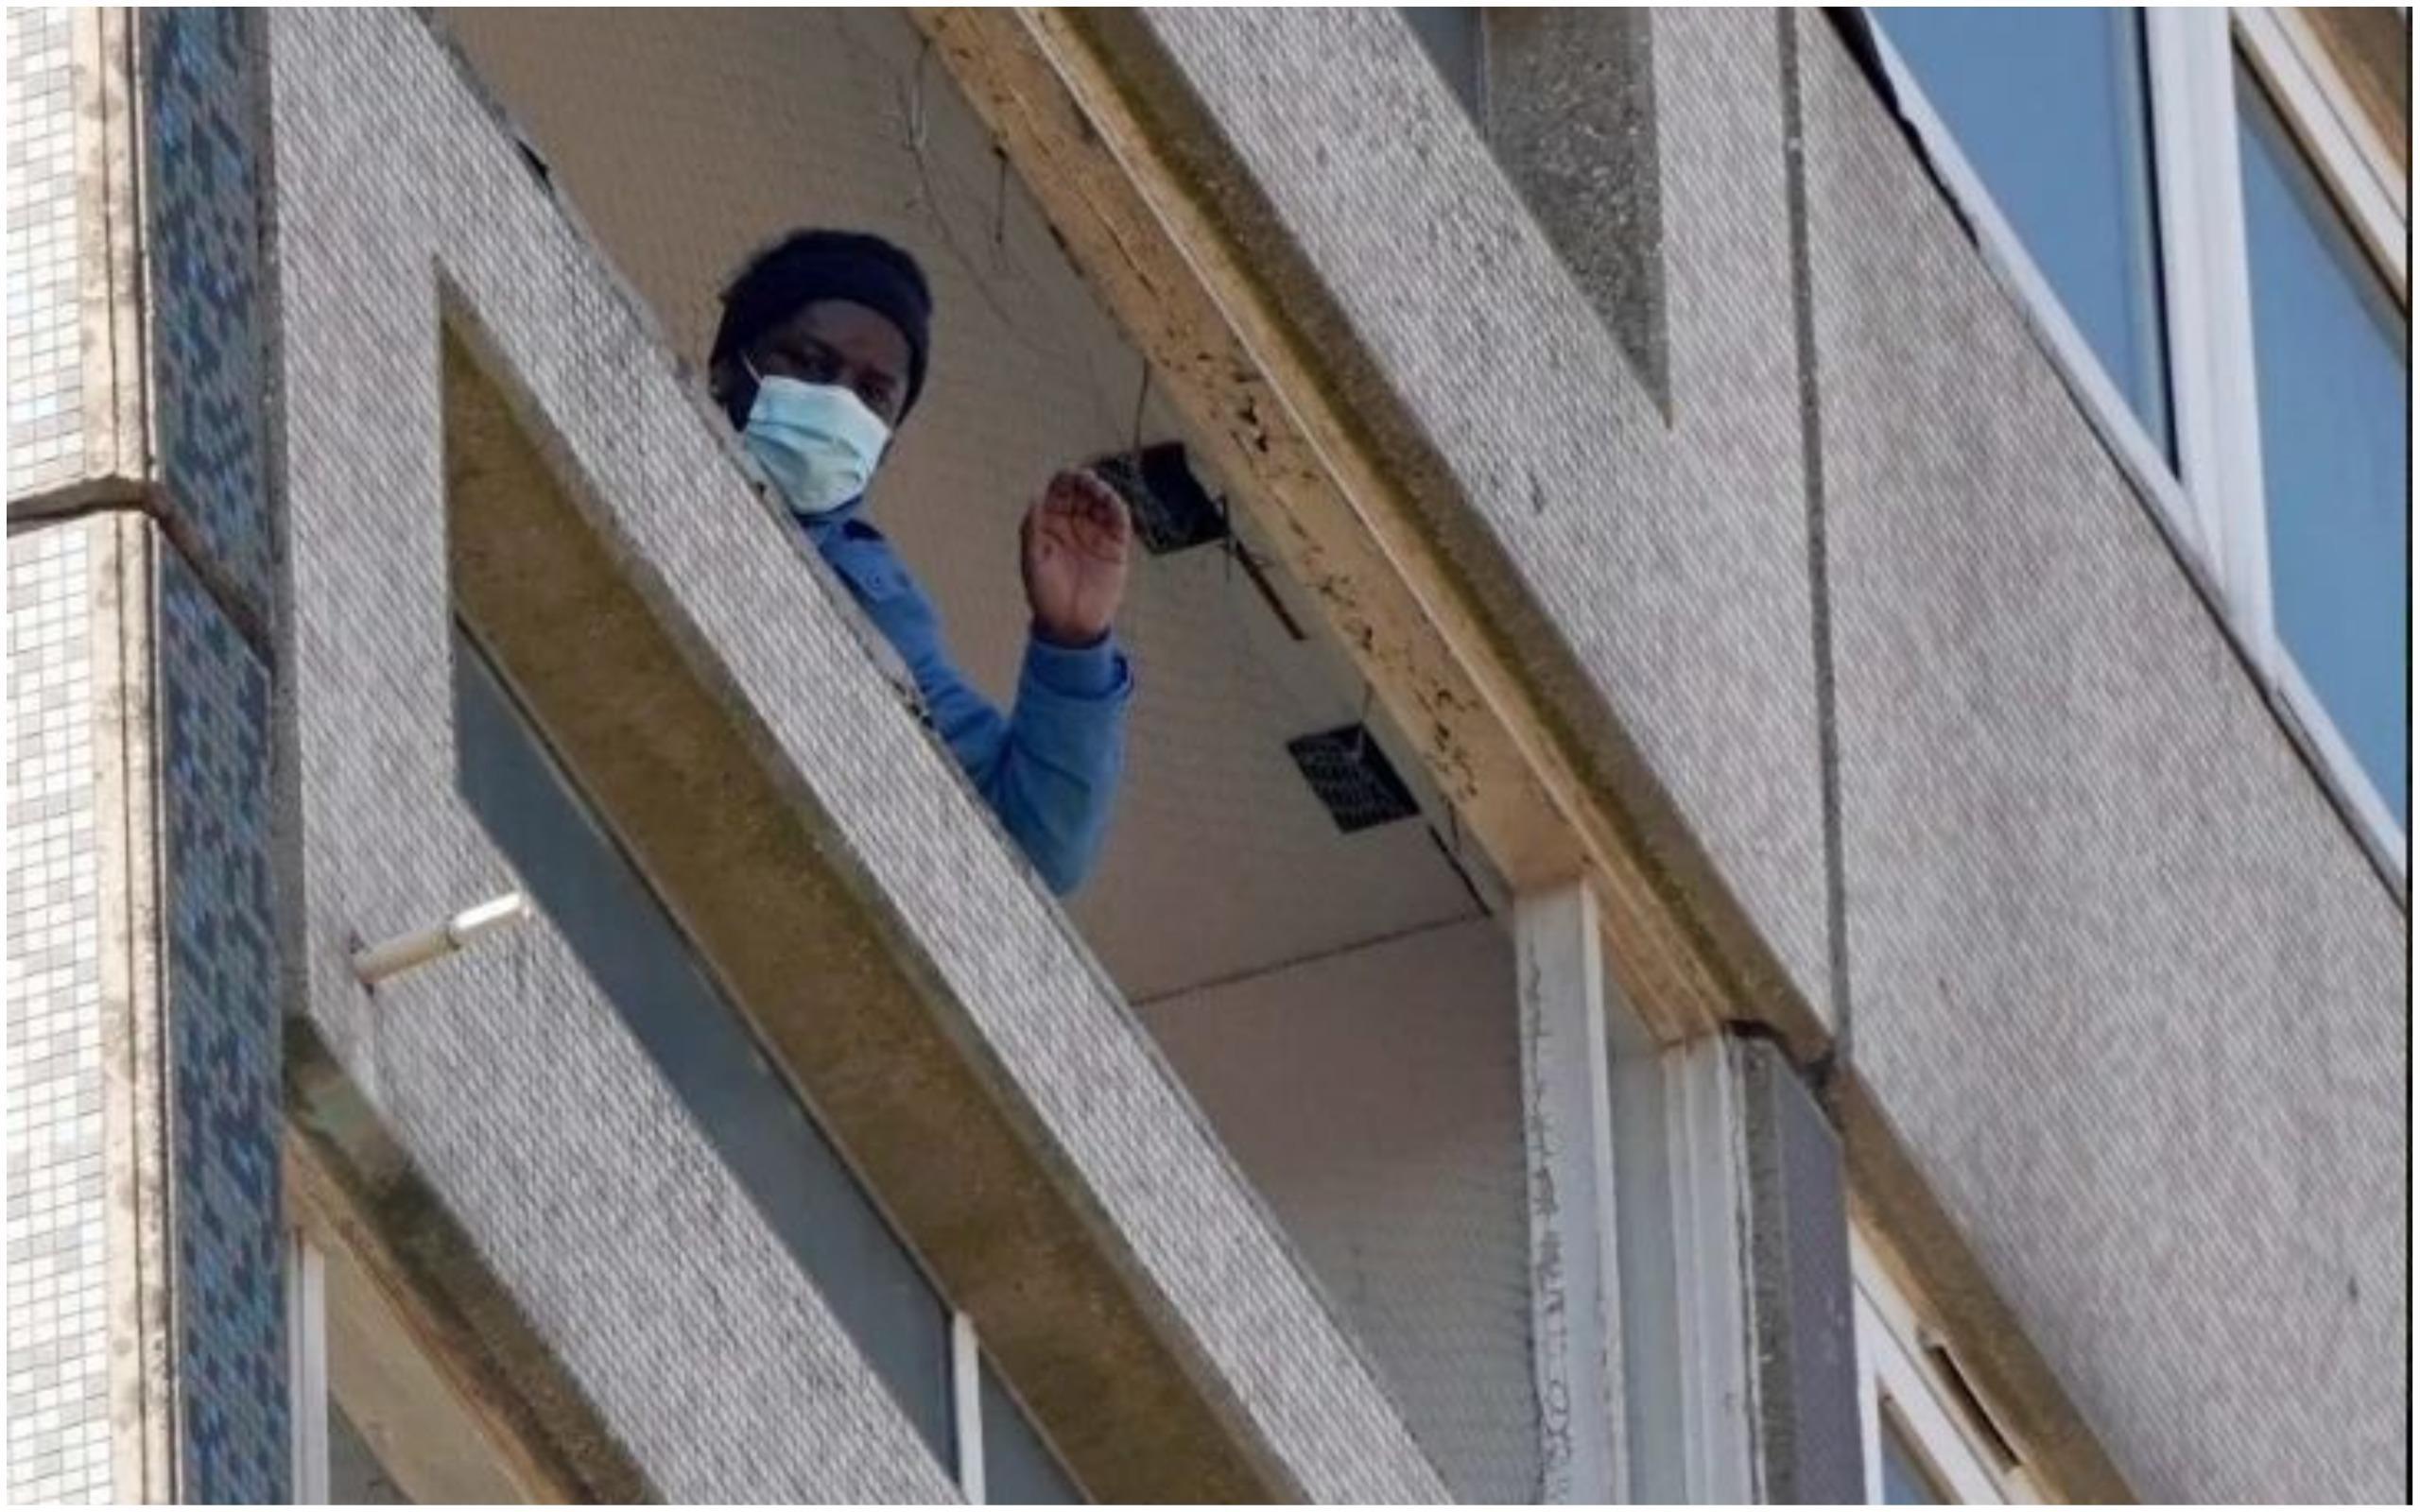 Ezekiel Hermon locuiește de unul singur într-un bloc cu 12 etaje din Marea Britanie